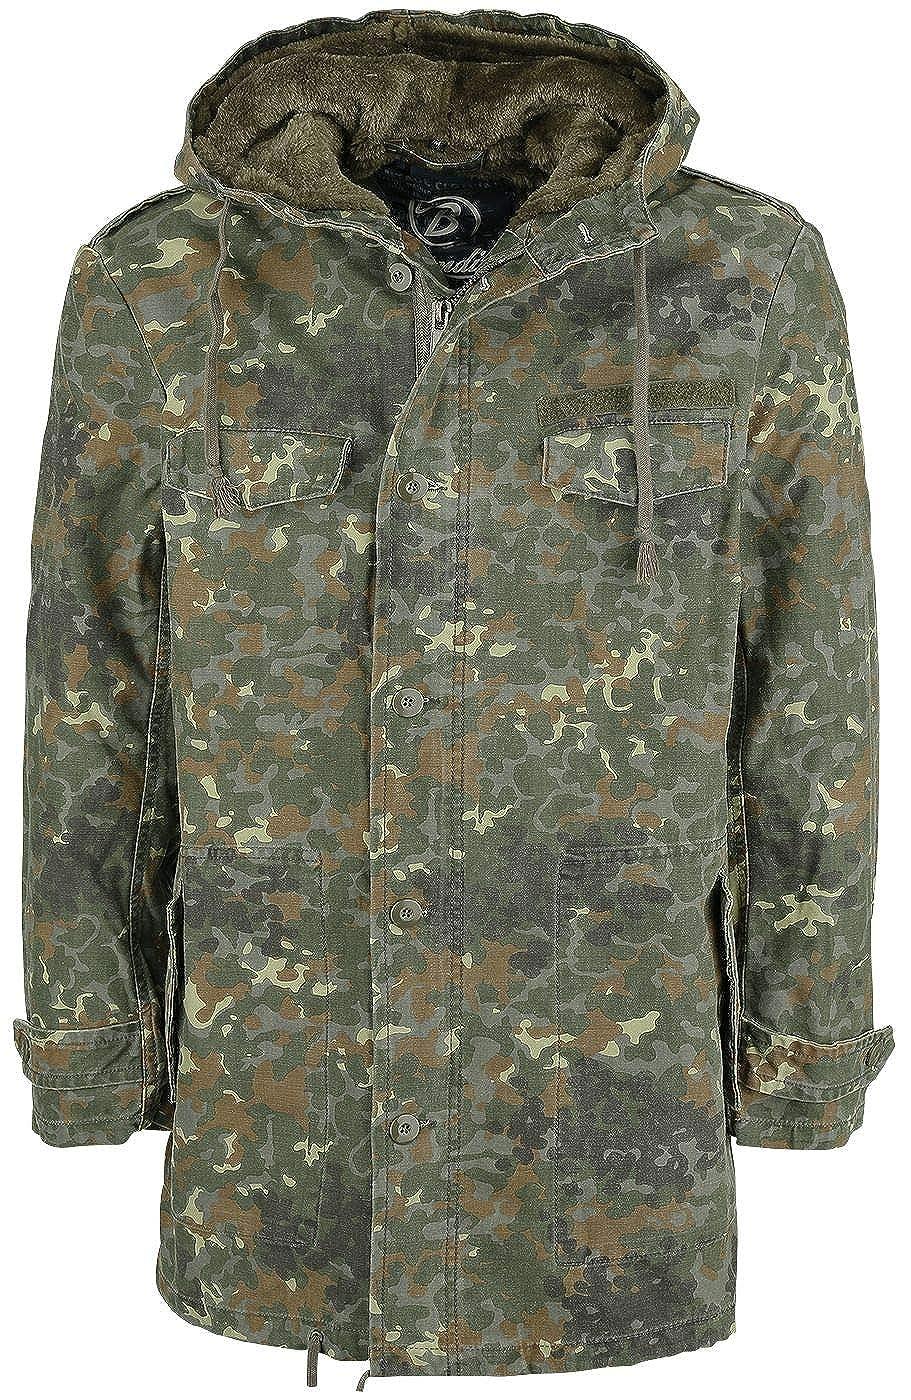 Brandit AF Parka Winter Jacket Olive